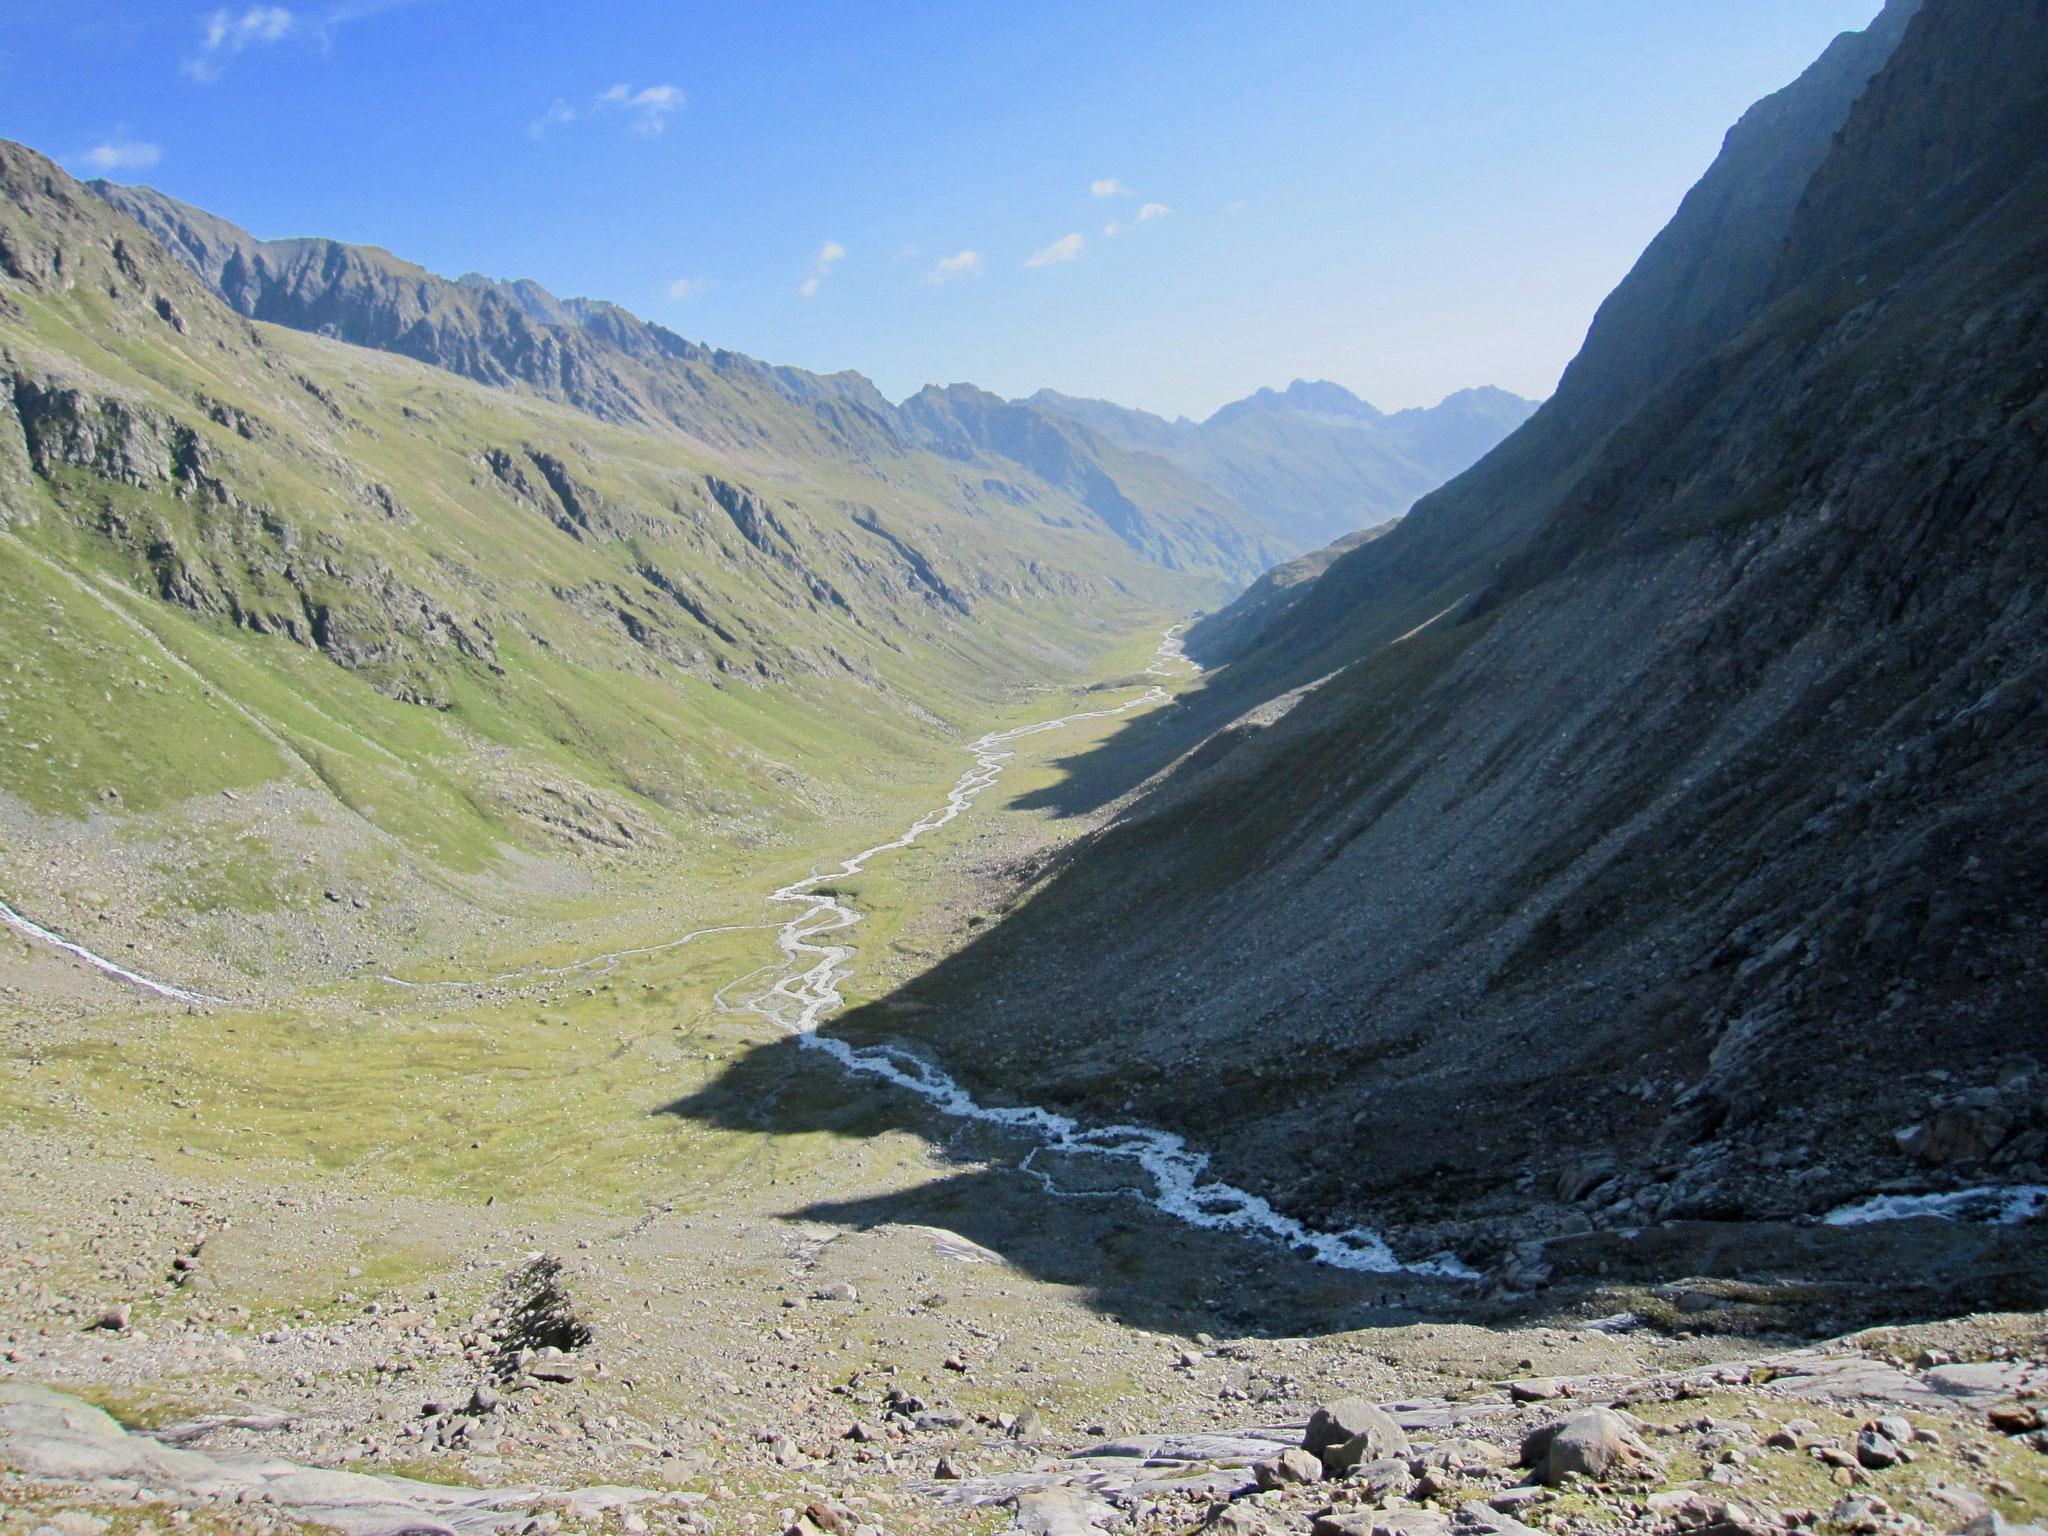 Der Blick zurück zur Hütte am Ende des Tals